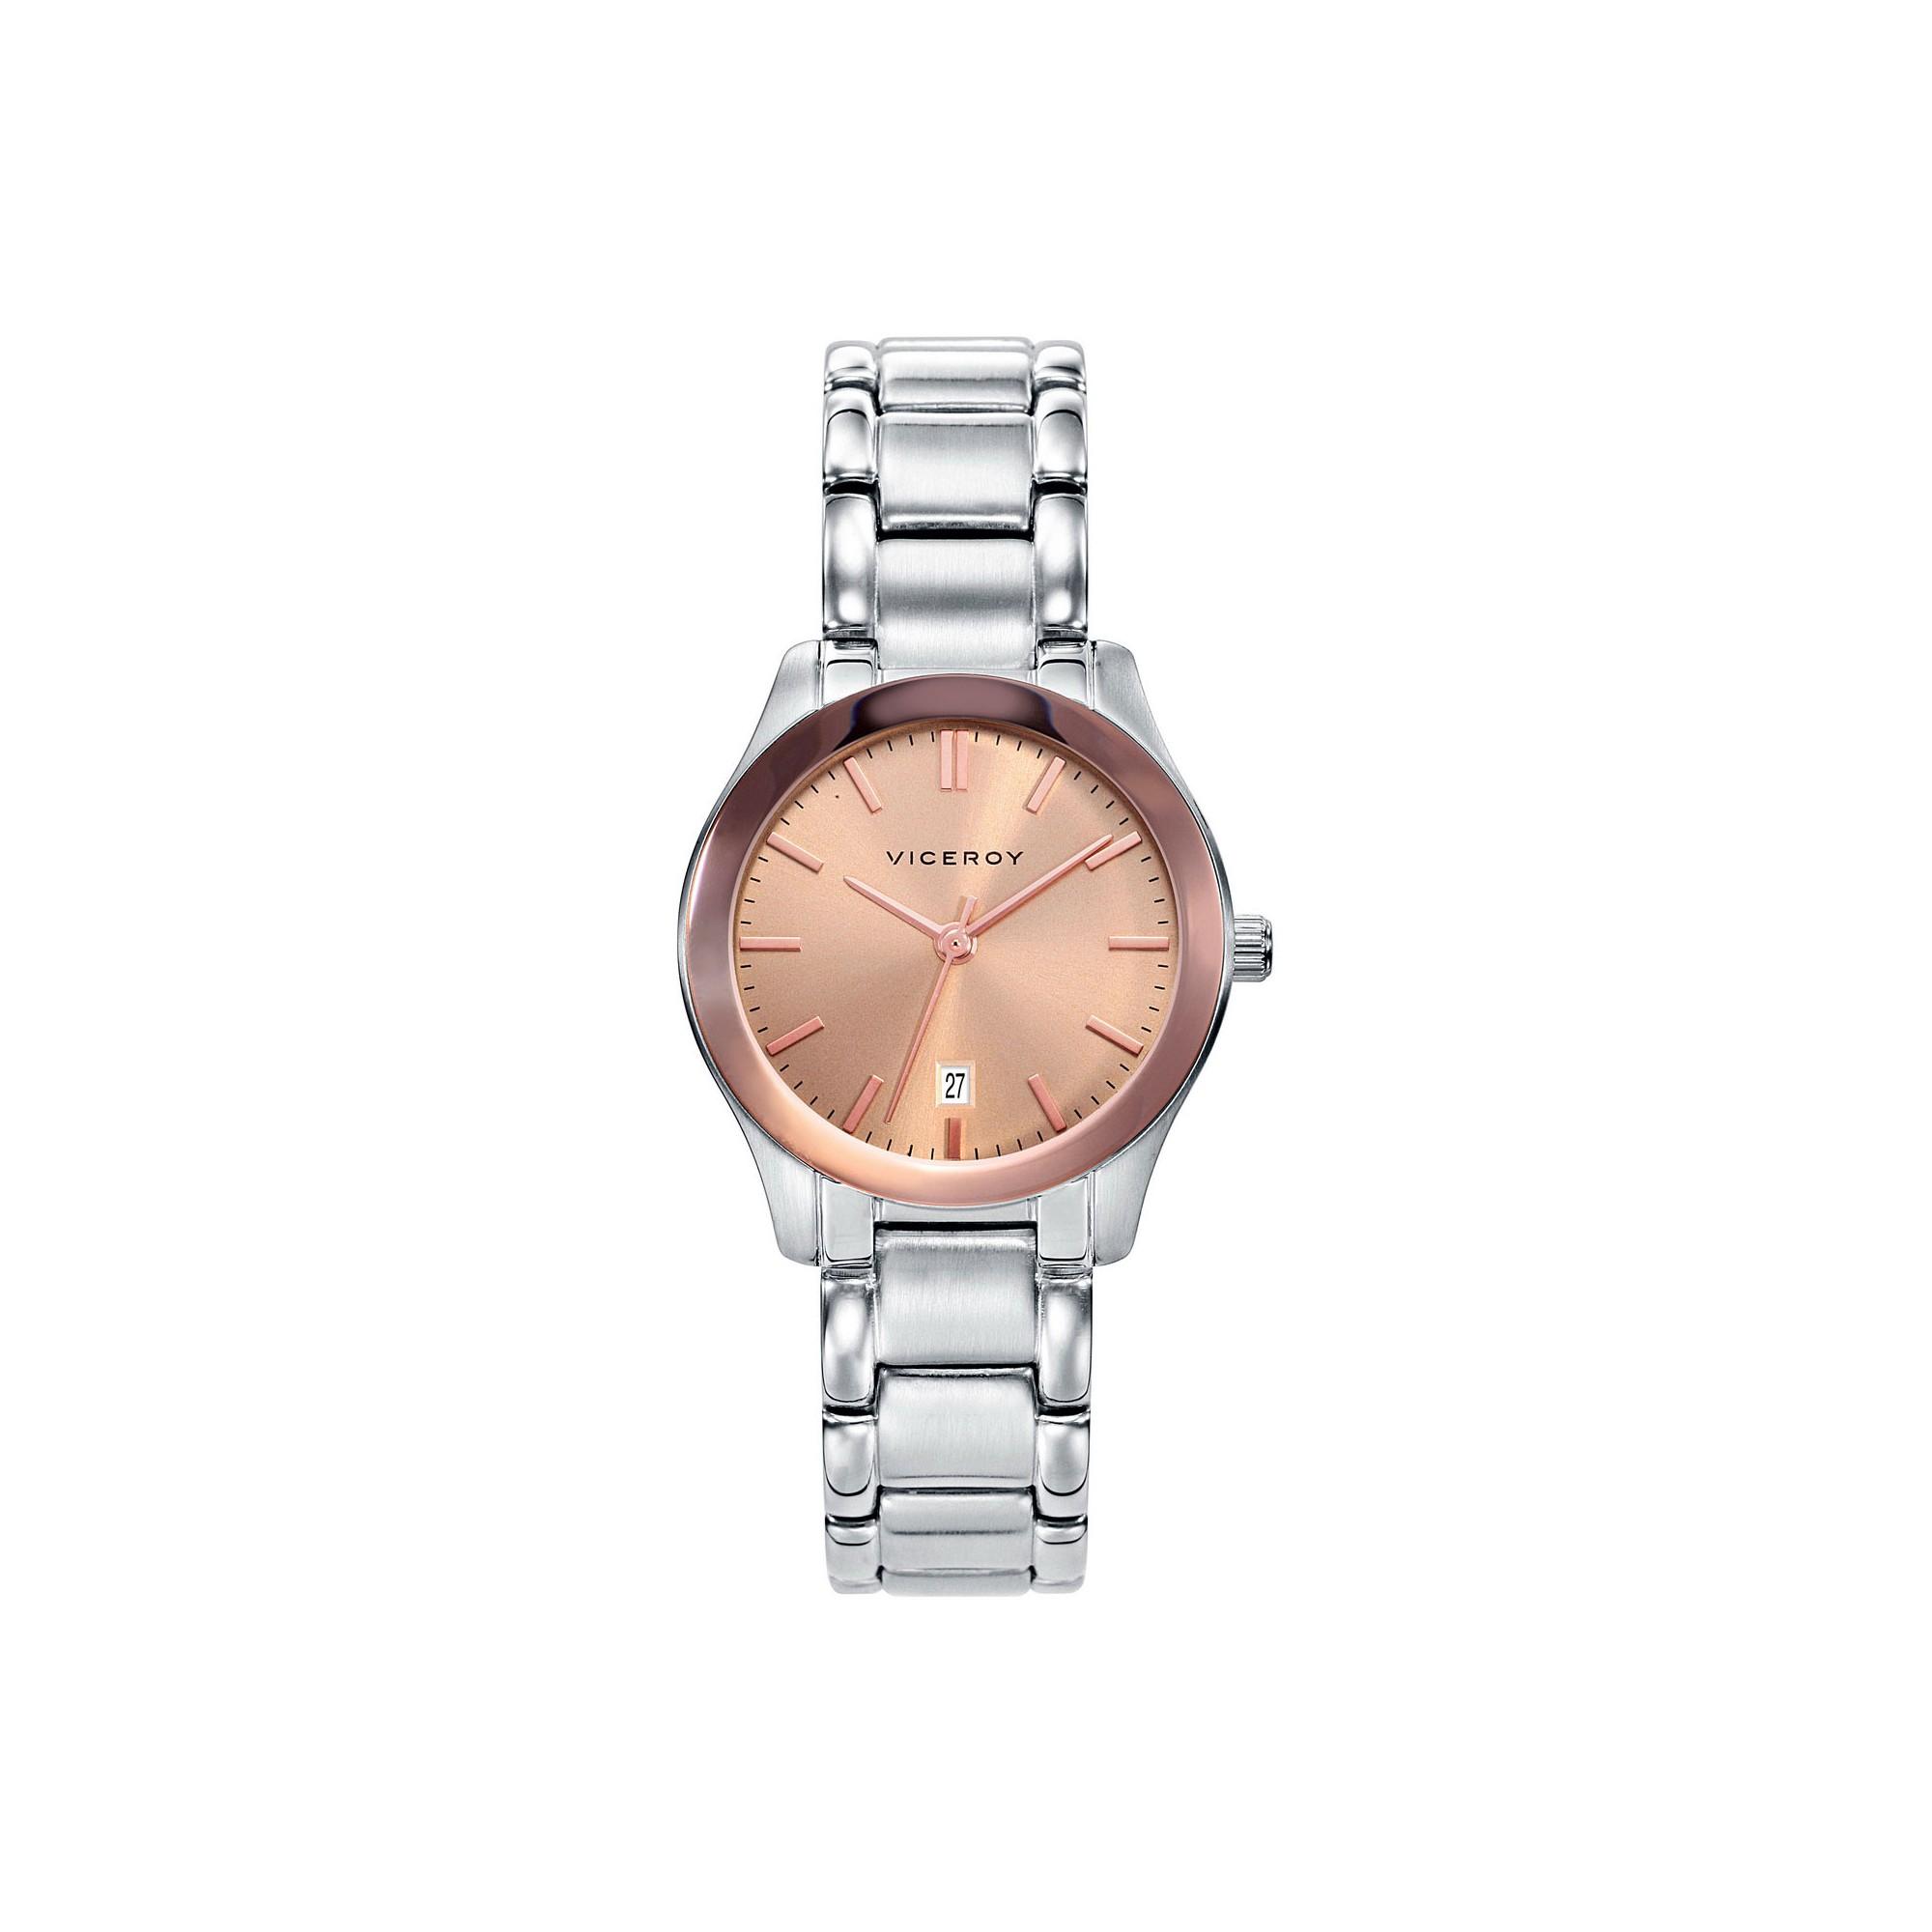 2fedec223f2f Reloj para chica Viceroy dorado con brazalete de acero 471066-97